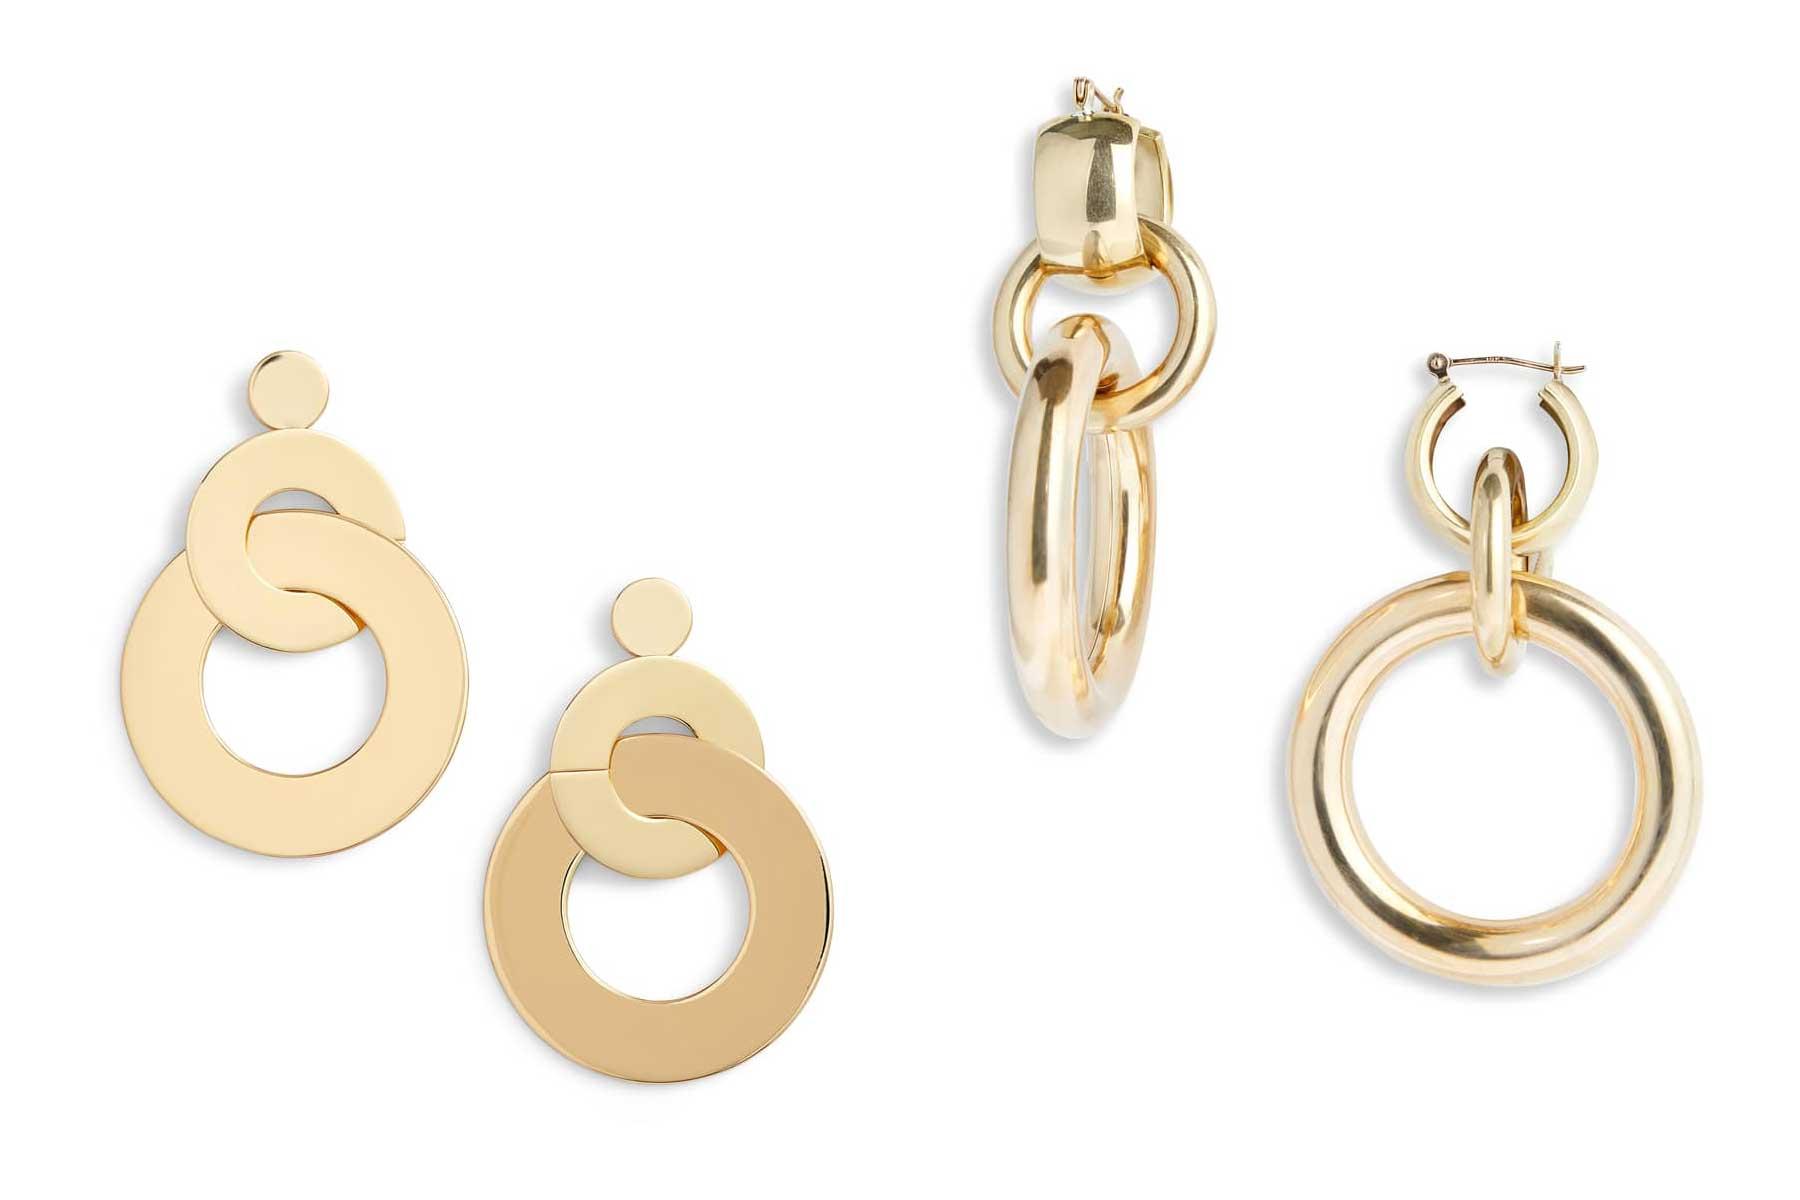 TGIF Earrings by Jenny Bird and Amara Interlocking Hoop Earrings by Laura Lombardi, Runway Jewelry Trends 2019